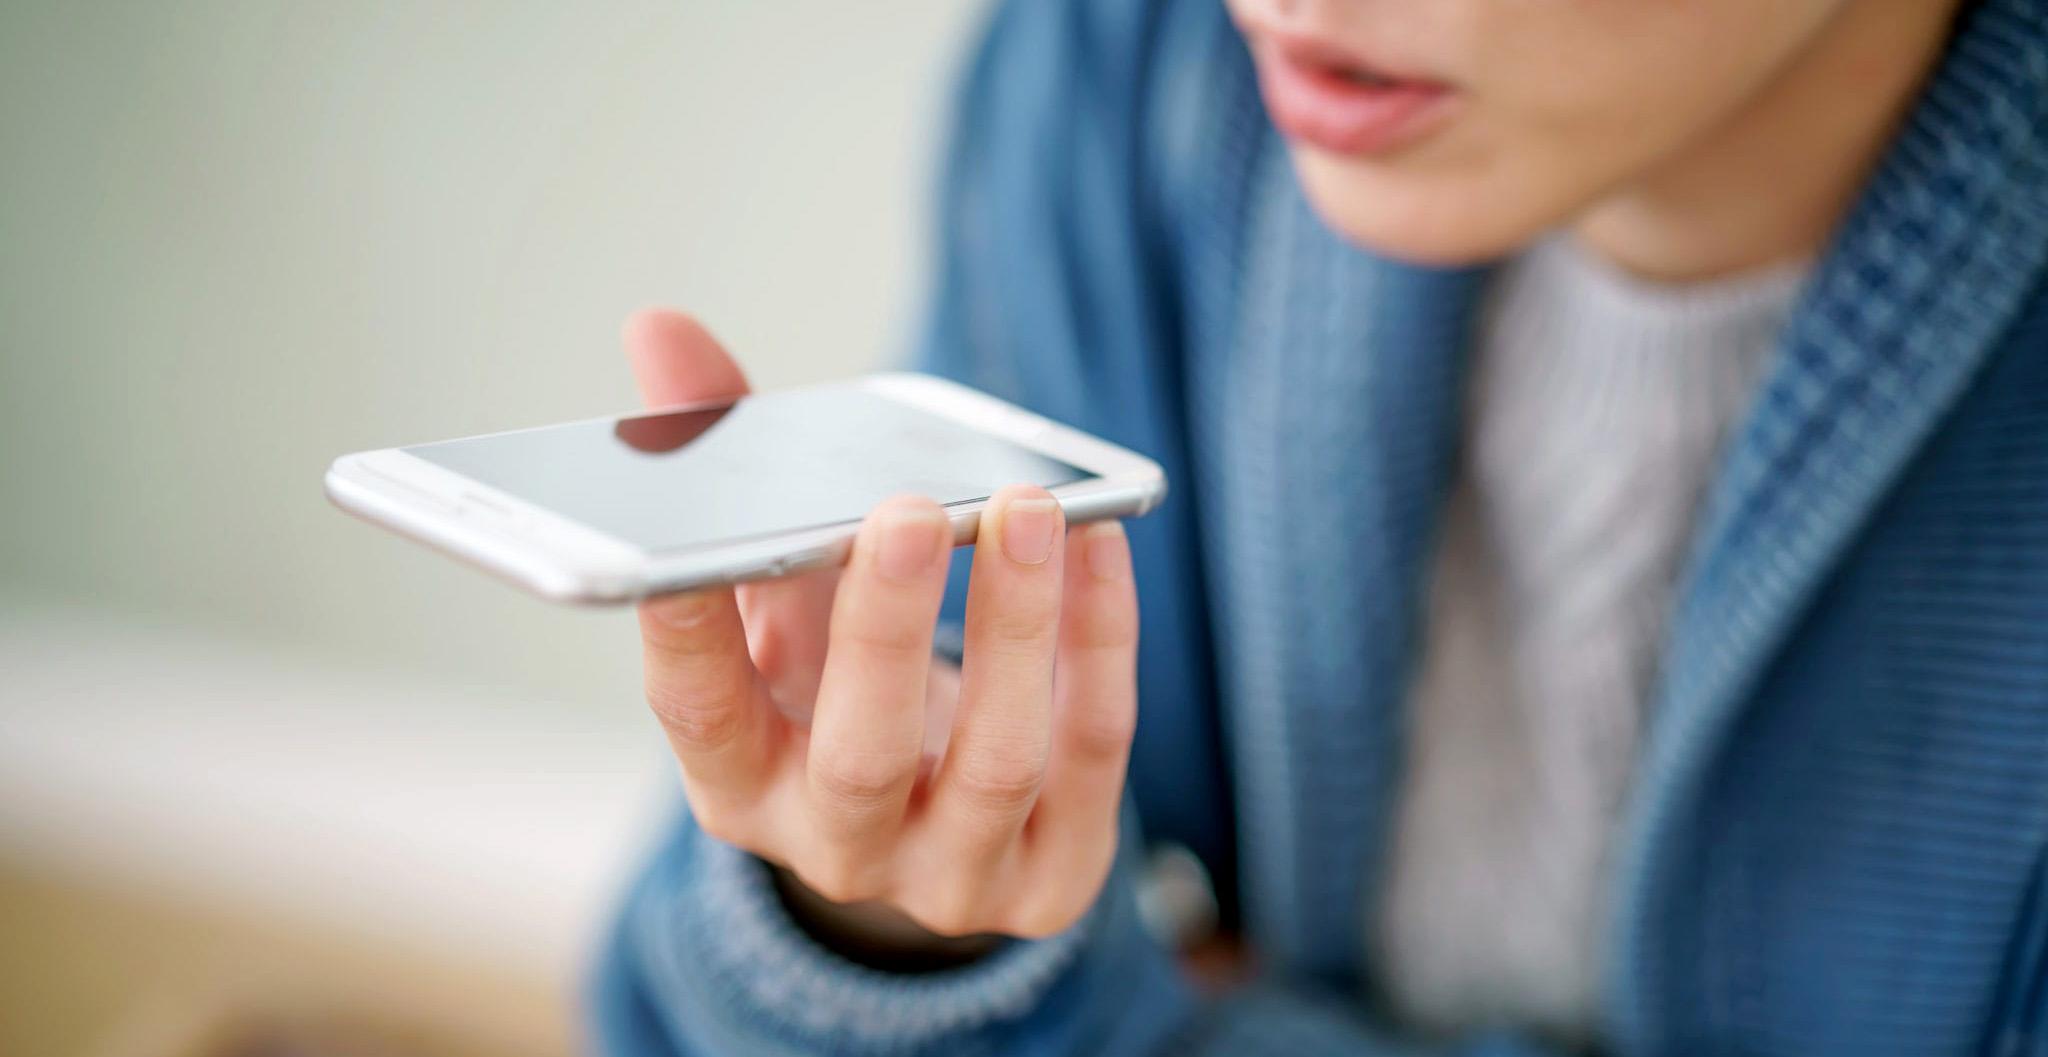 Siri puede llamar a tu novia